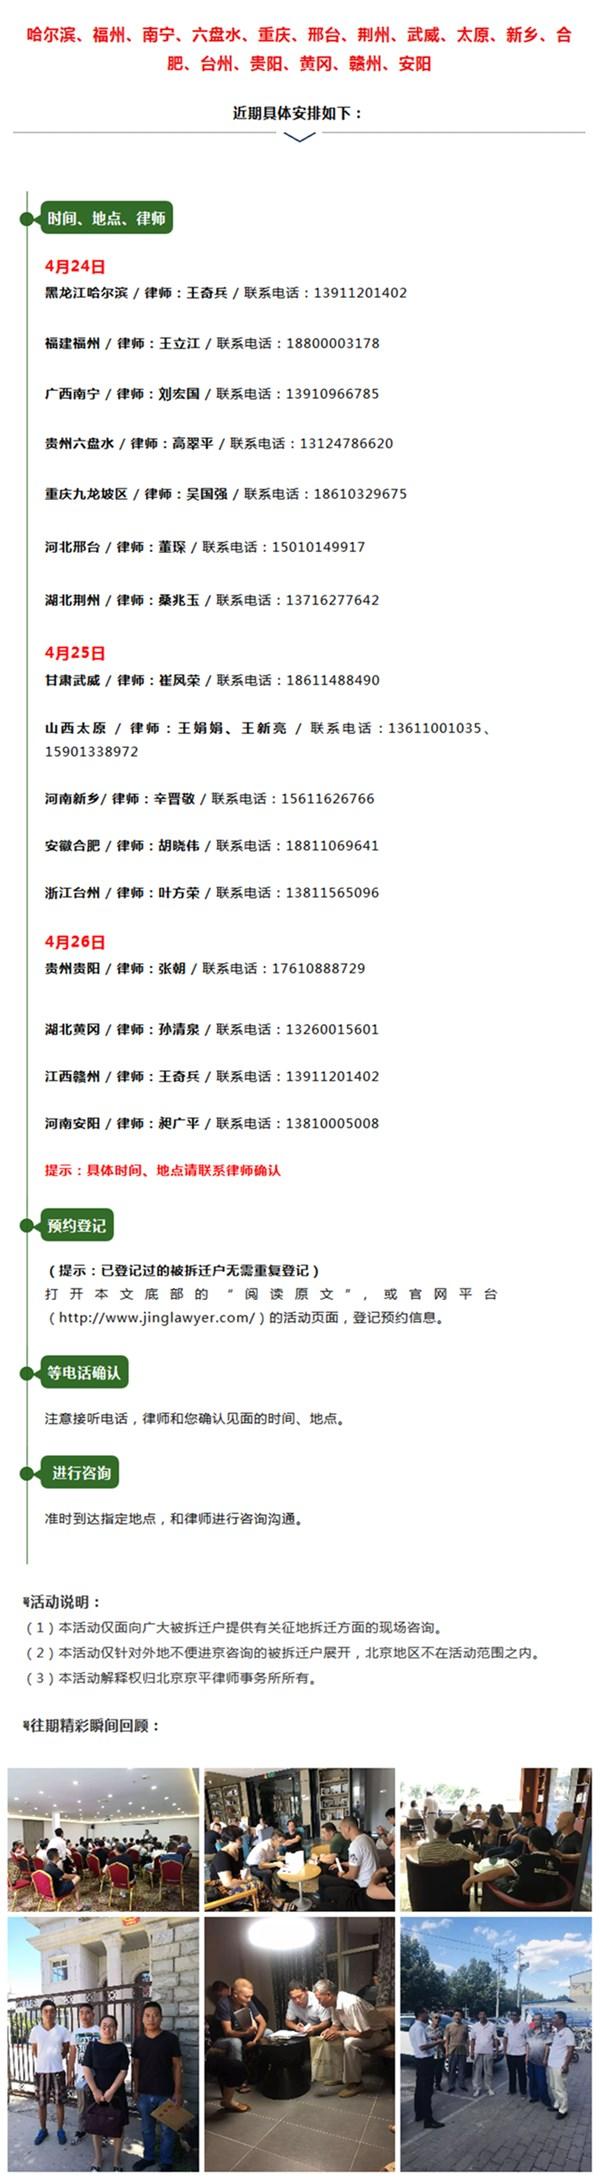 连续16站不停歇!4月24-26日京平律师百城行再掀热潮